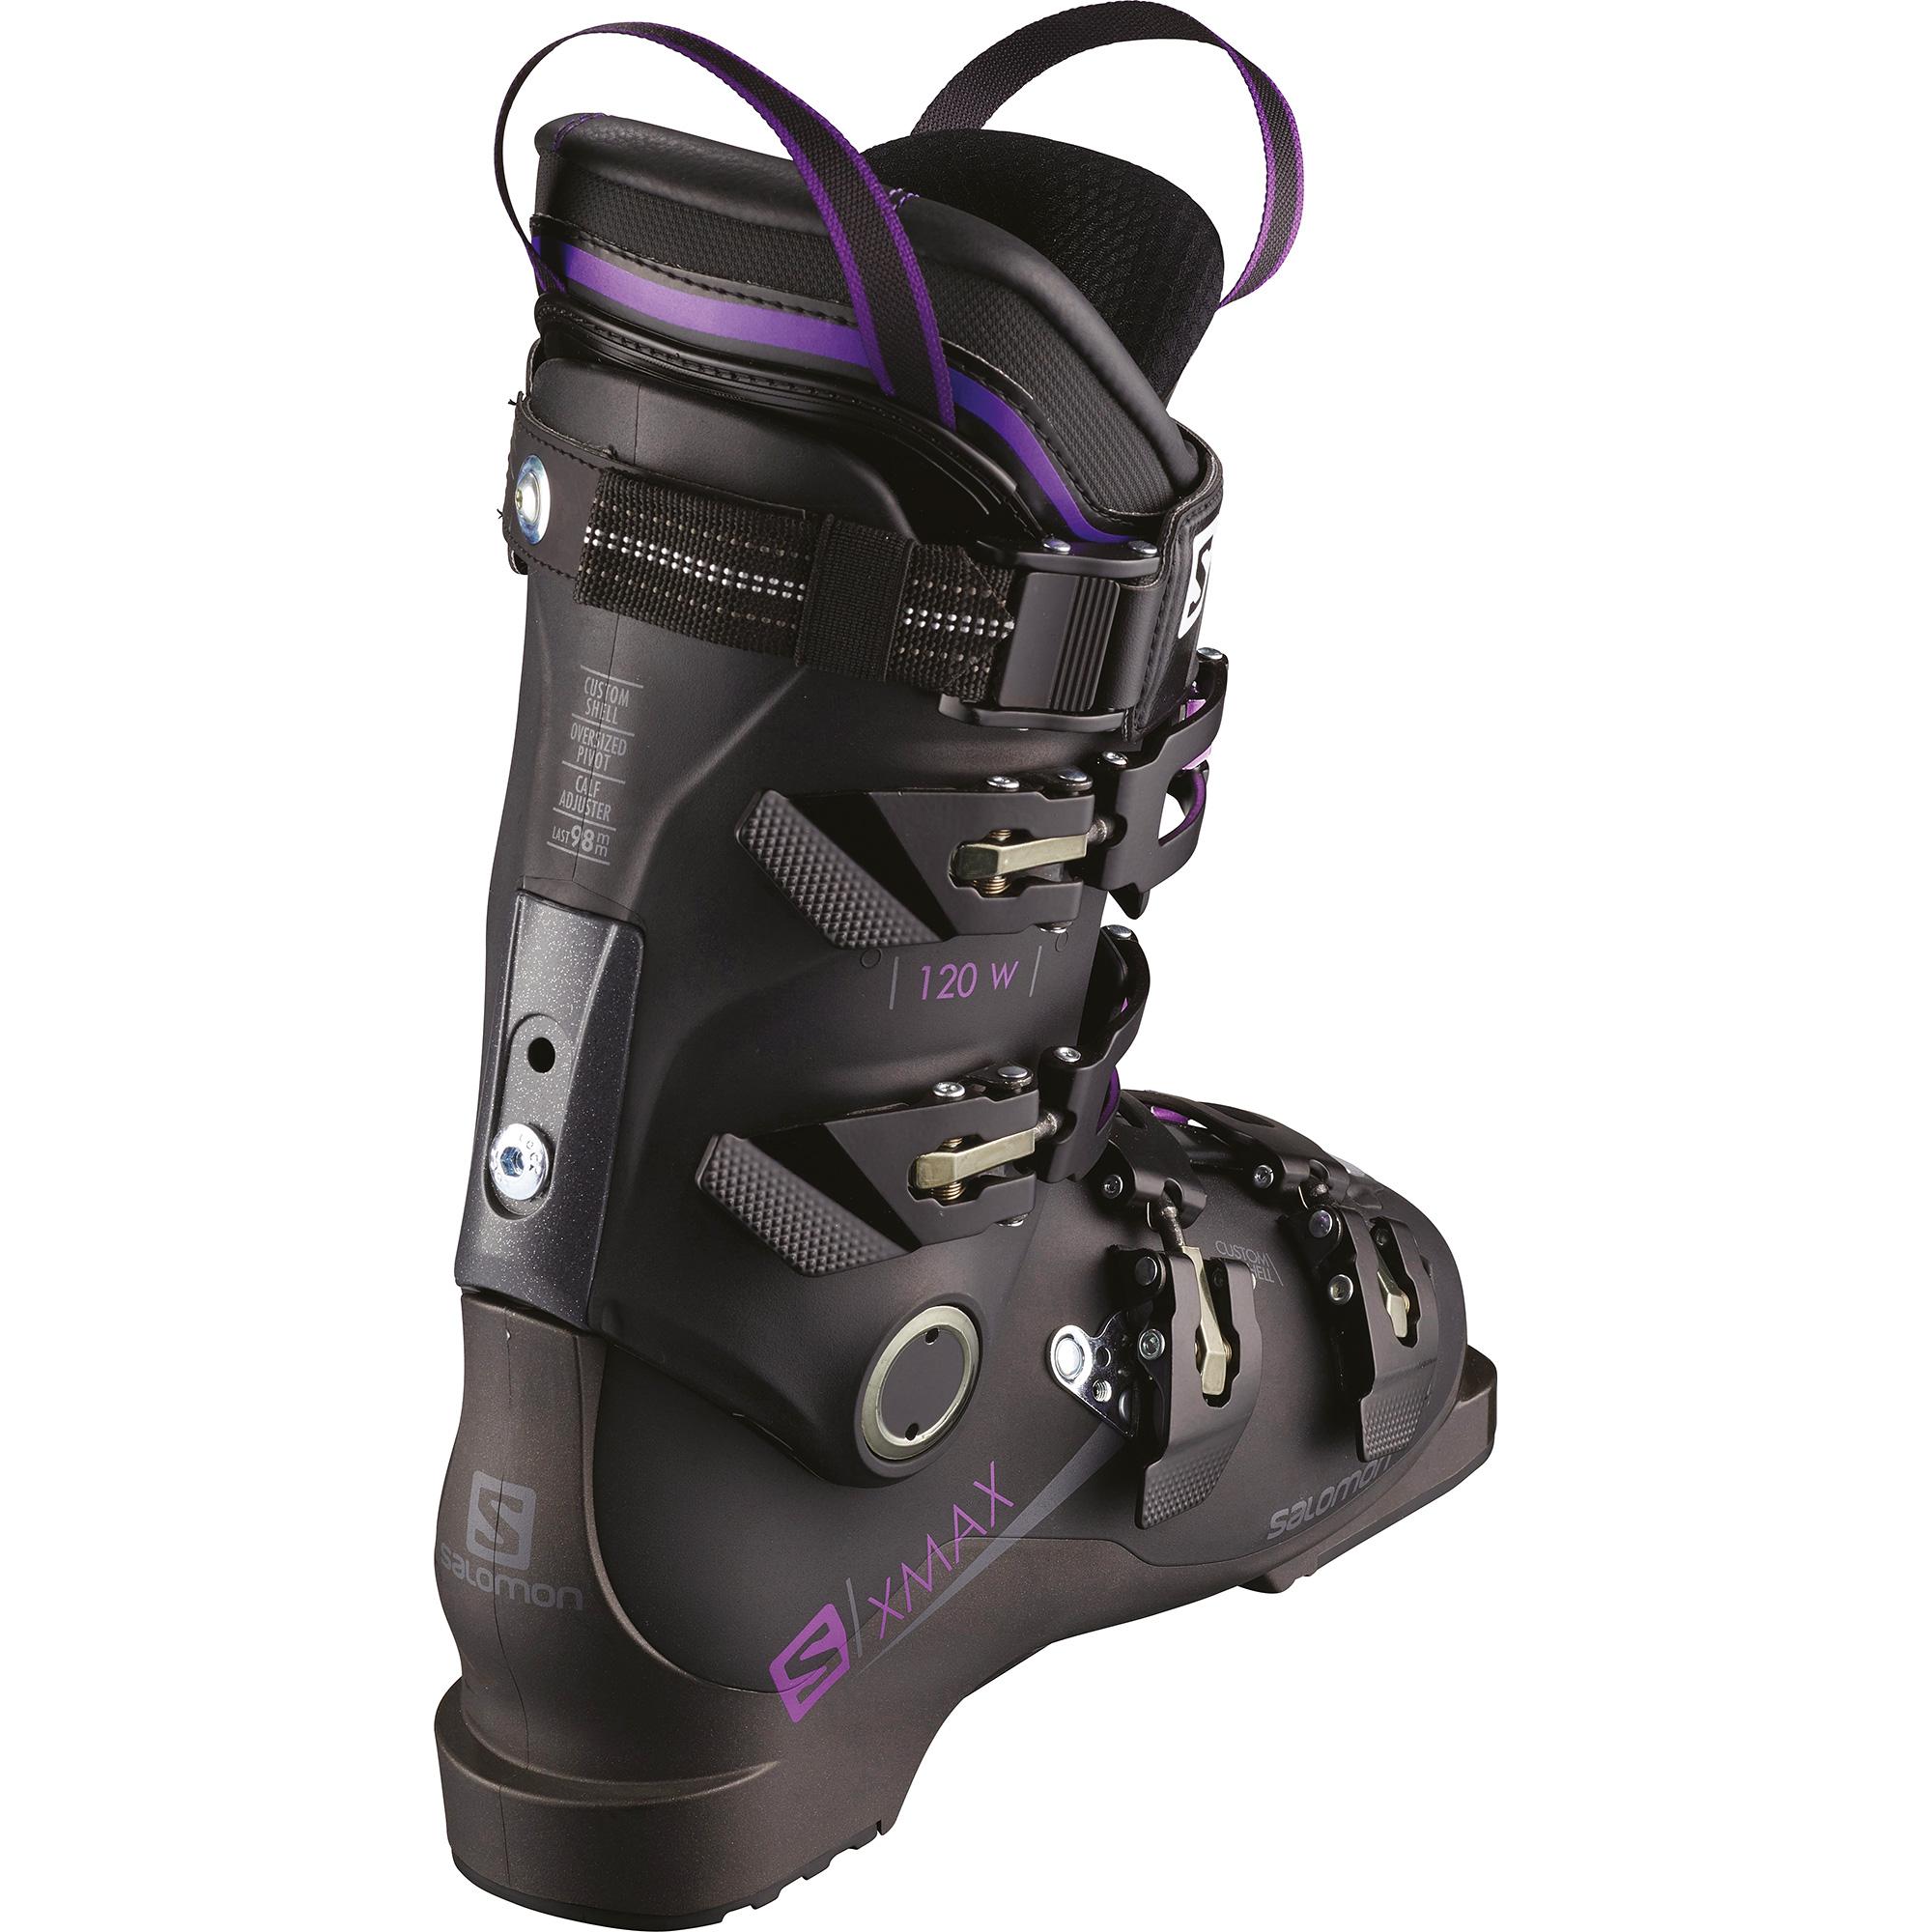 SALOMON X MAX 120 W buty narciarskie R. 2424,5 cm